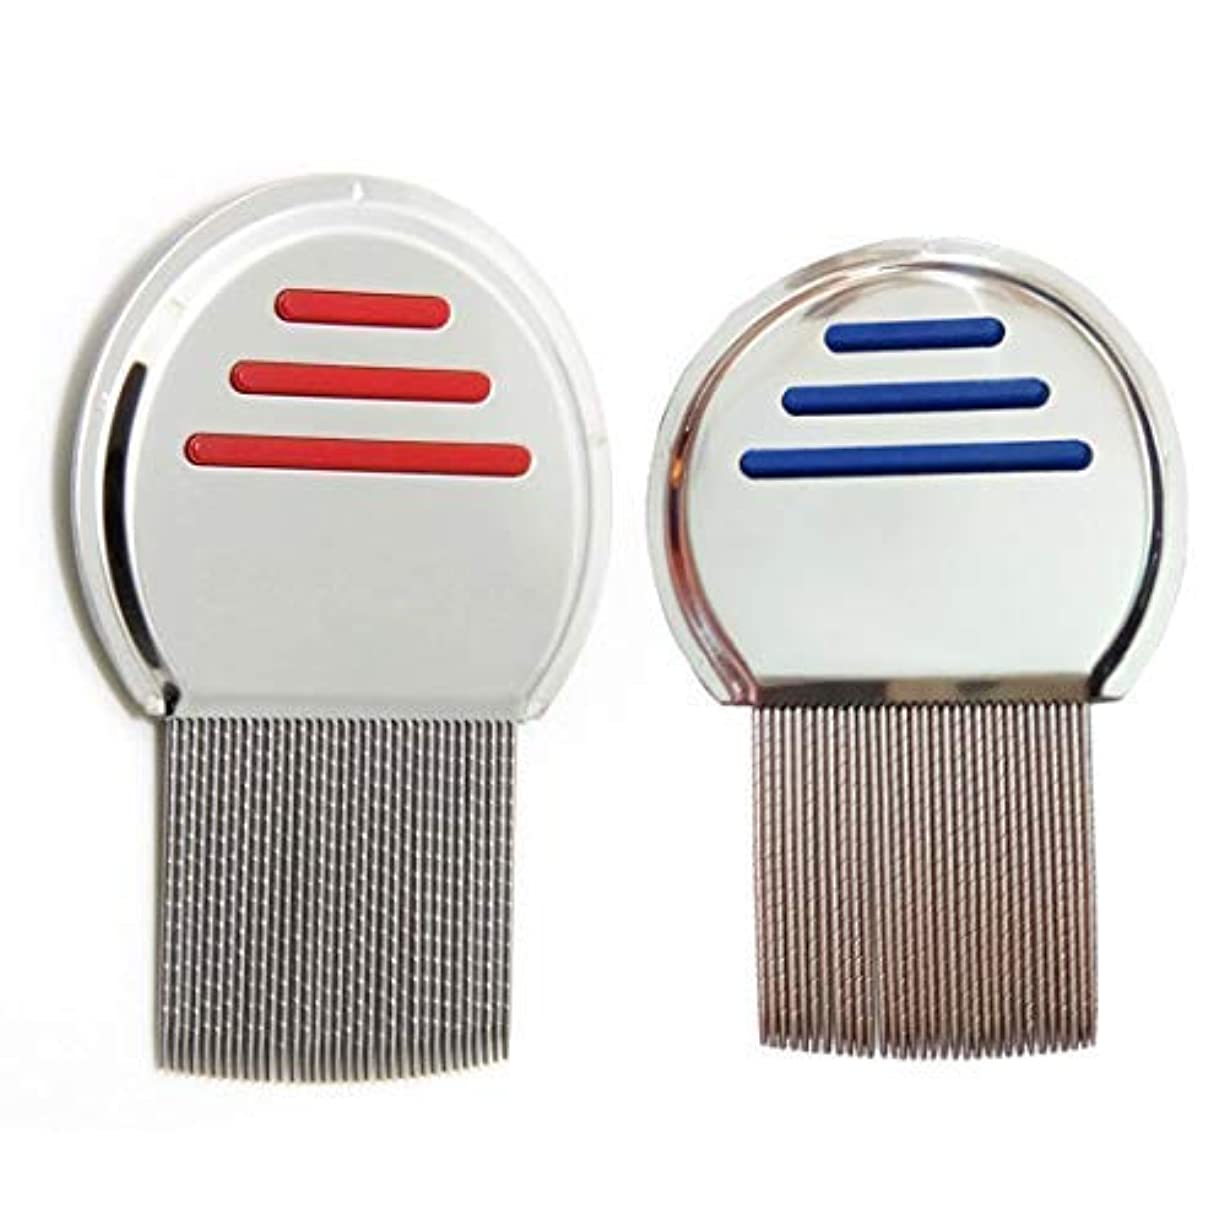 軽く法律どうやって2 Pcs Stainless Steel Lice Dandruff Comb [並行輸入品]